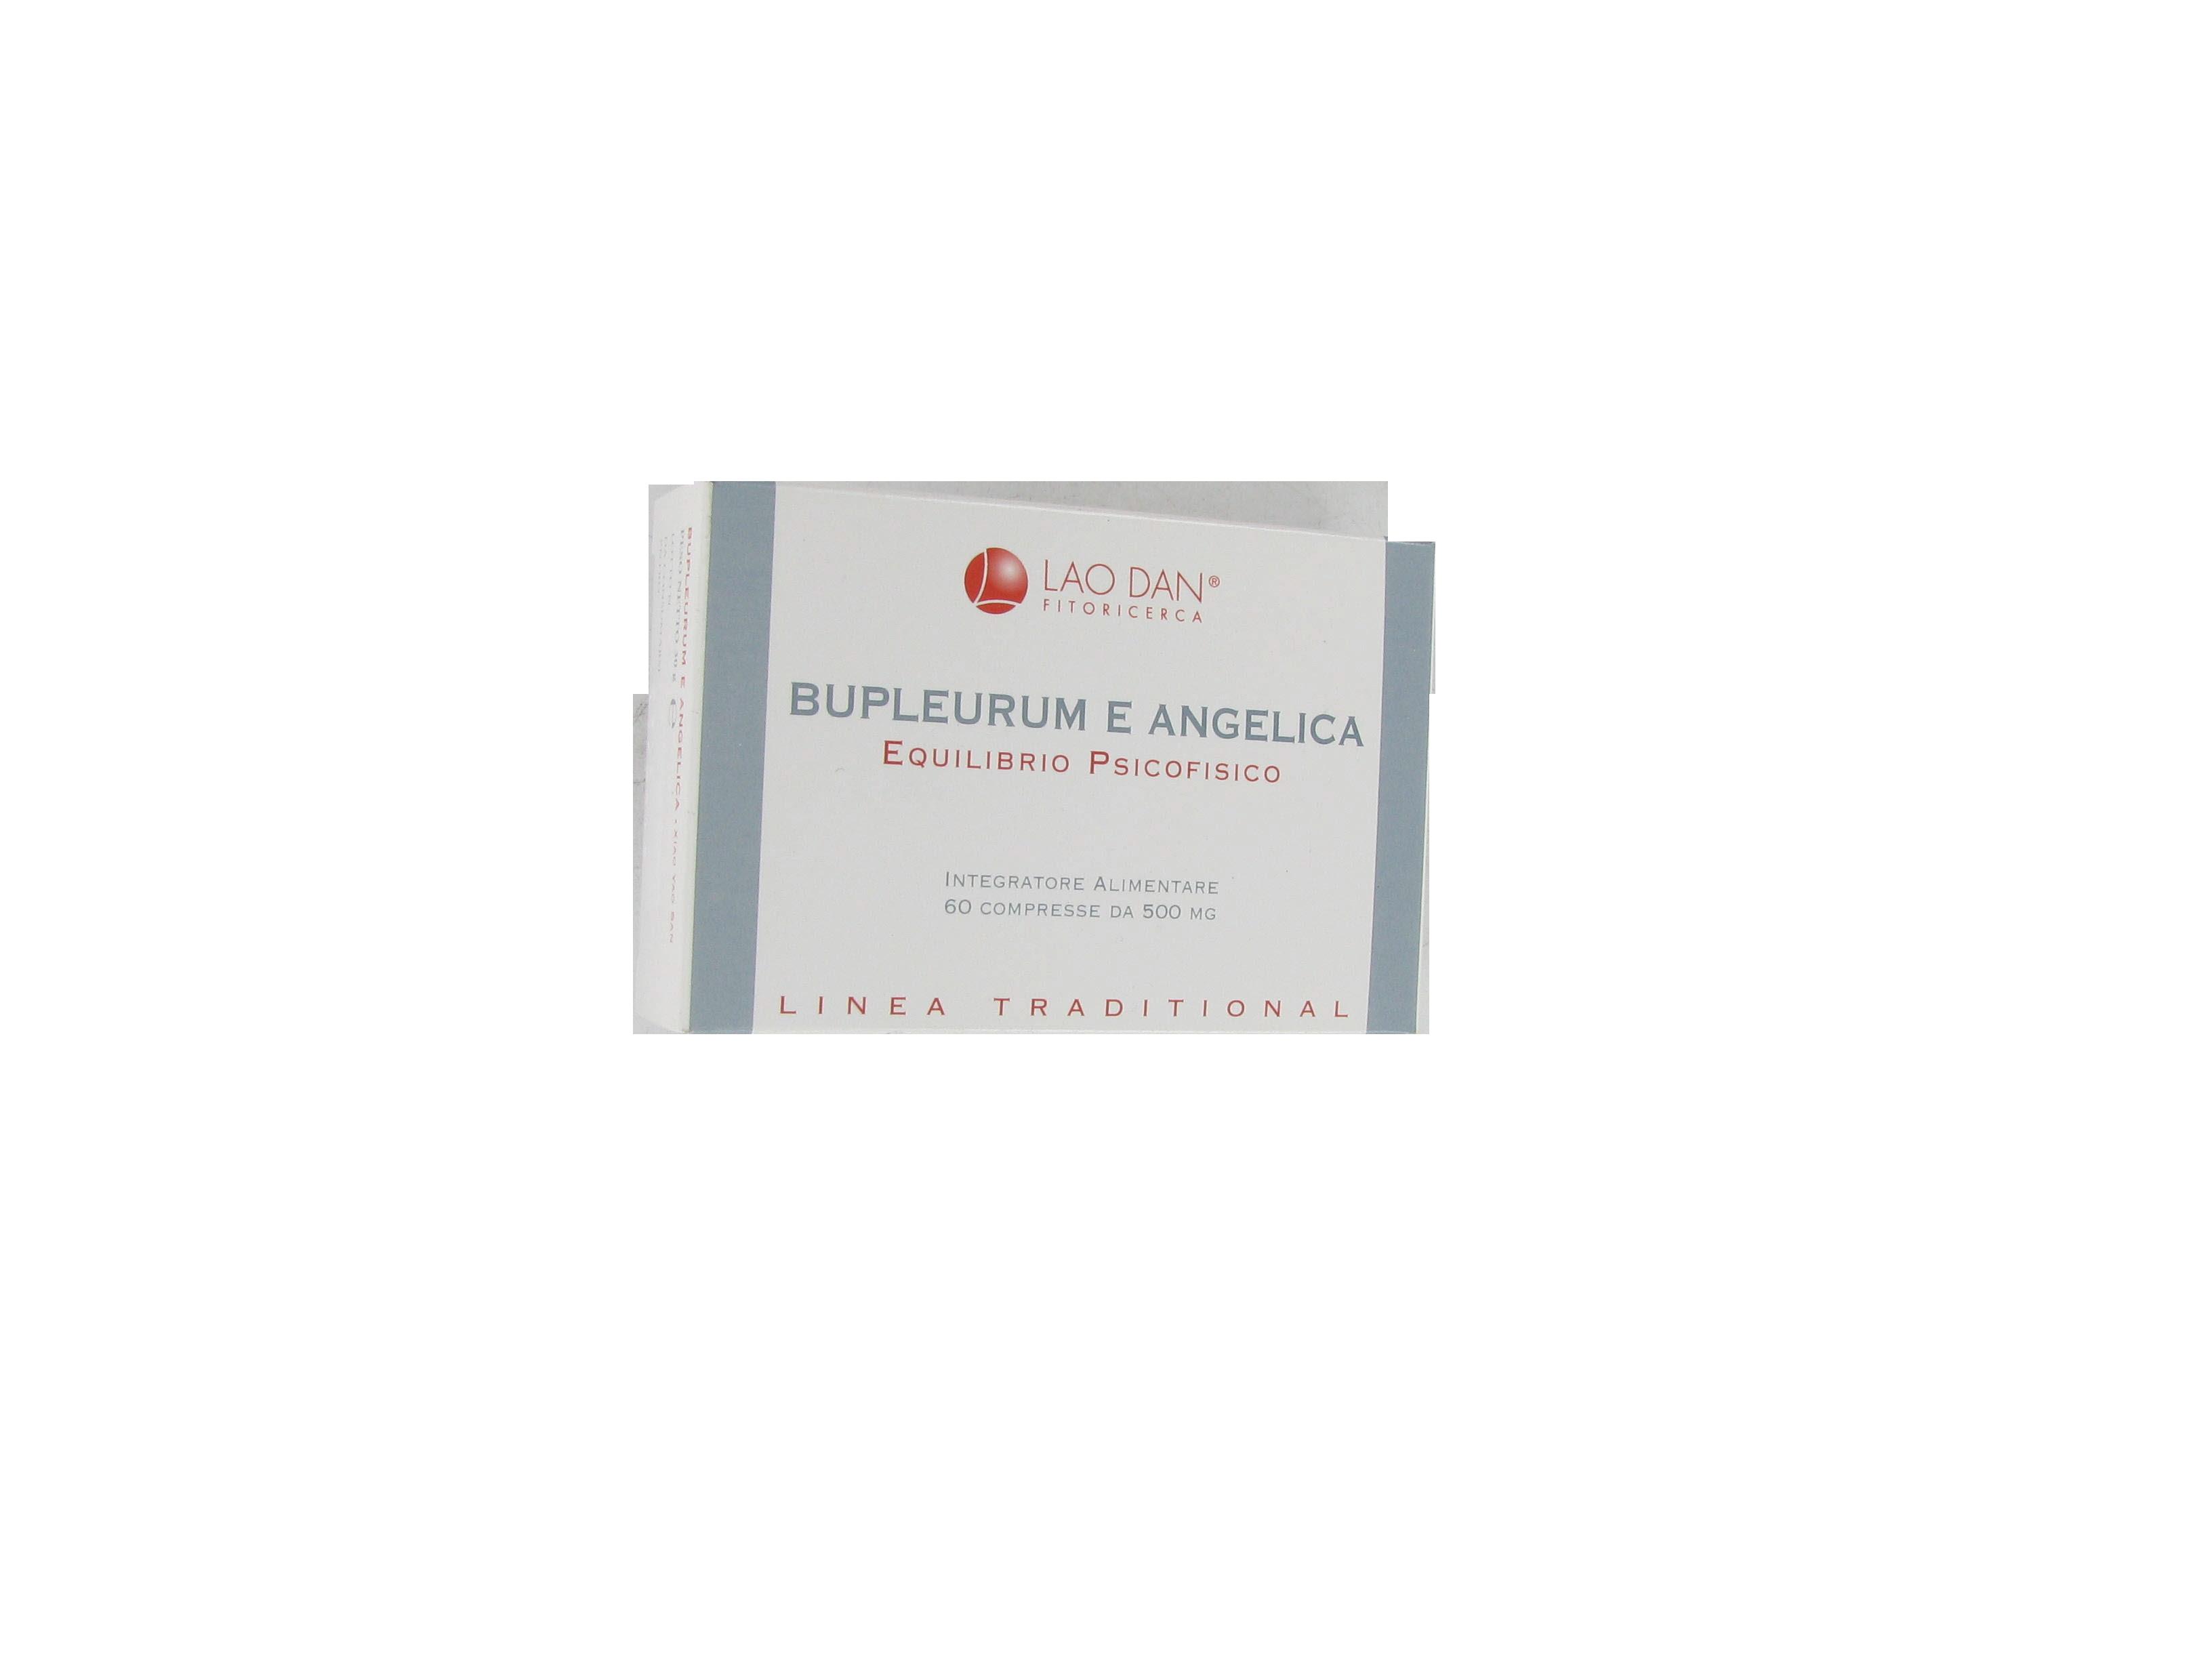 bupleurum e angelica complemento alimentare a base di estratto totale di sostanze vegetali, utile per